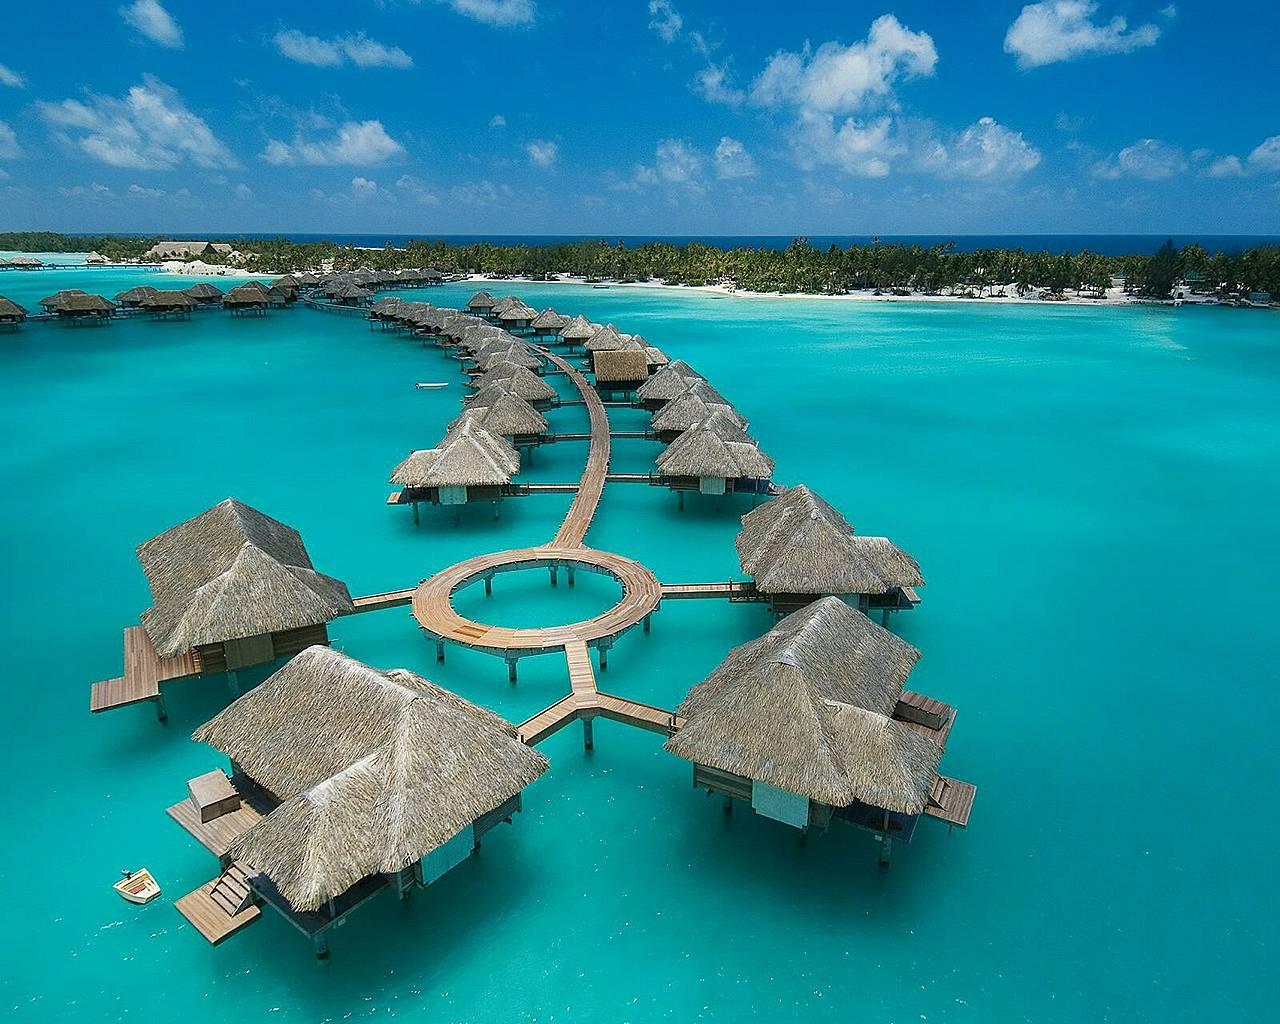 Bora Bora By Phin Upham Phin Upham Photography